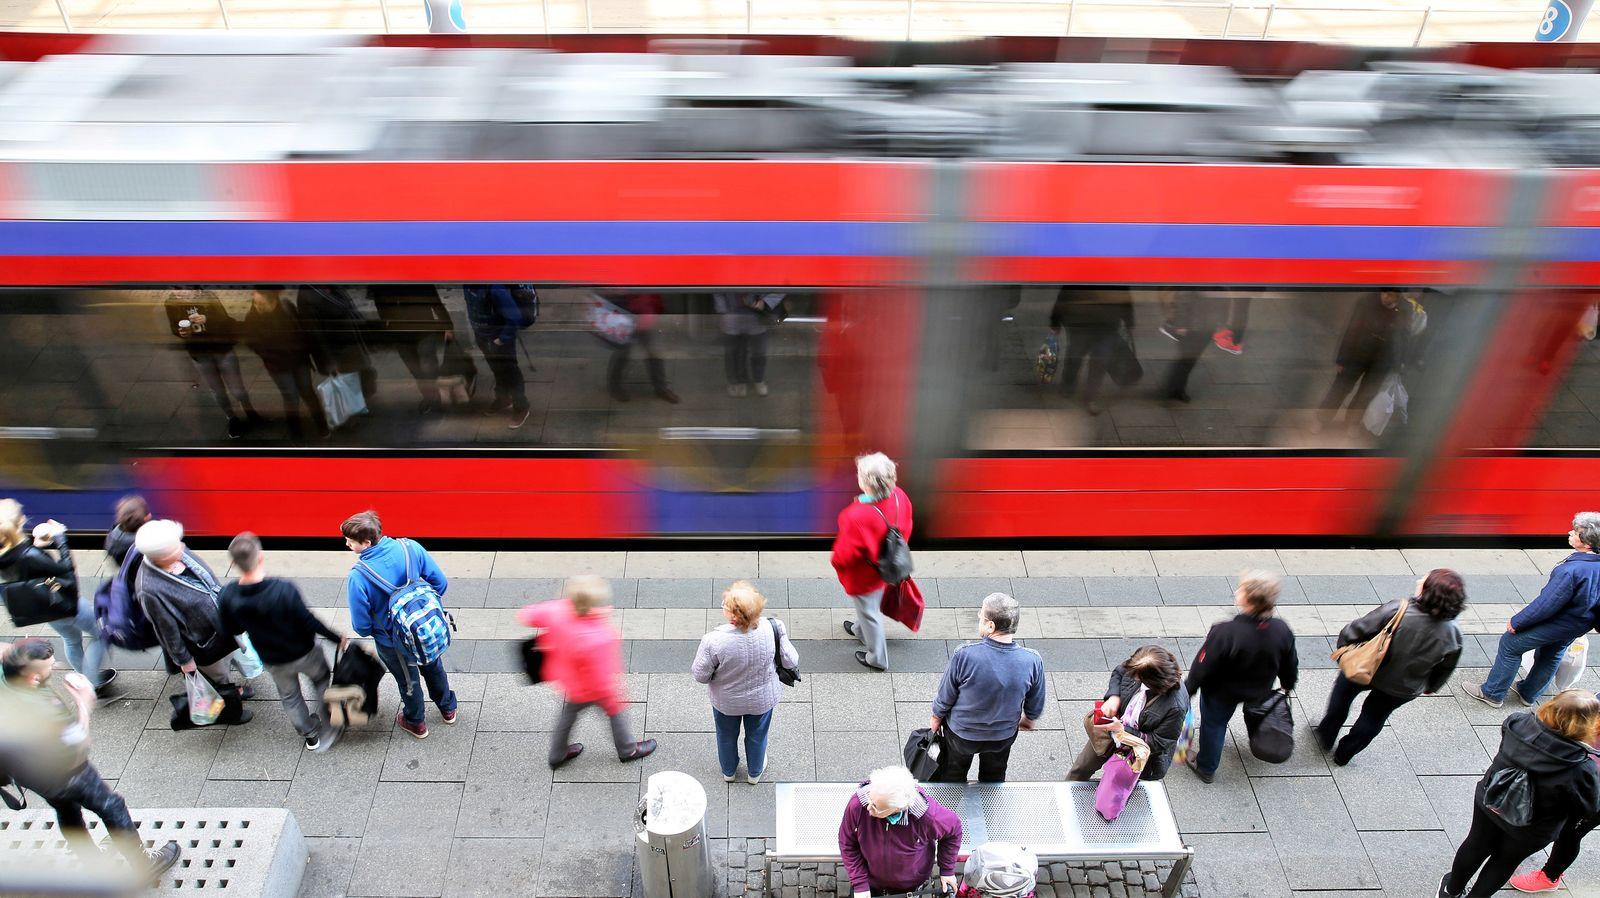 Öffentlicher Nahverkehr/ Straßenbahn